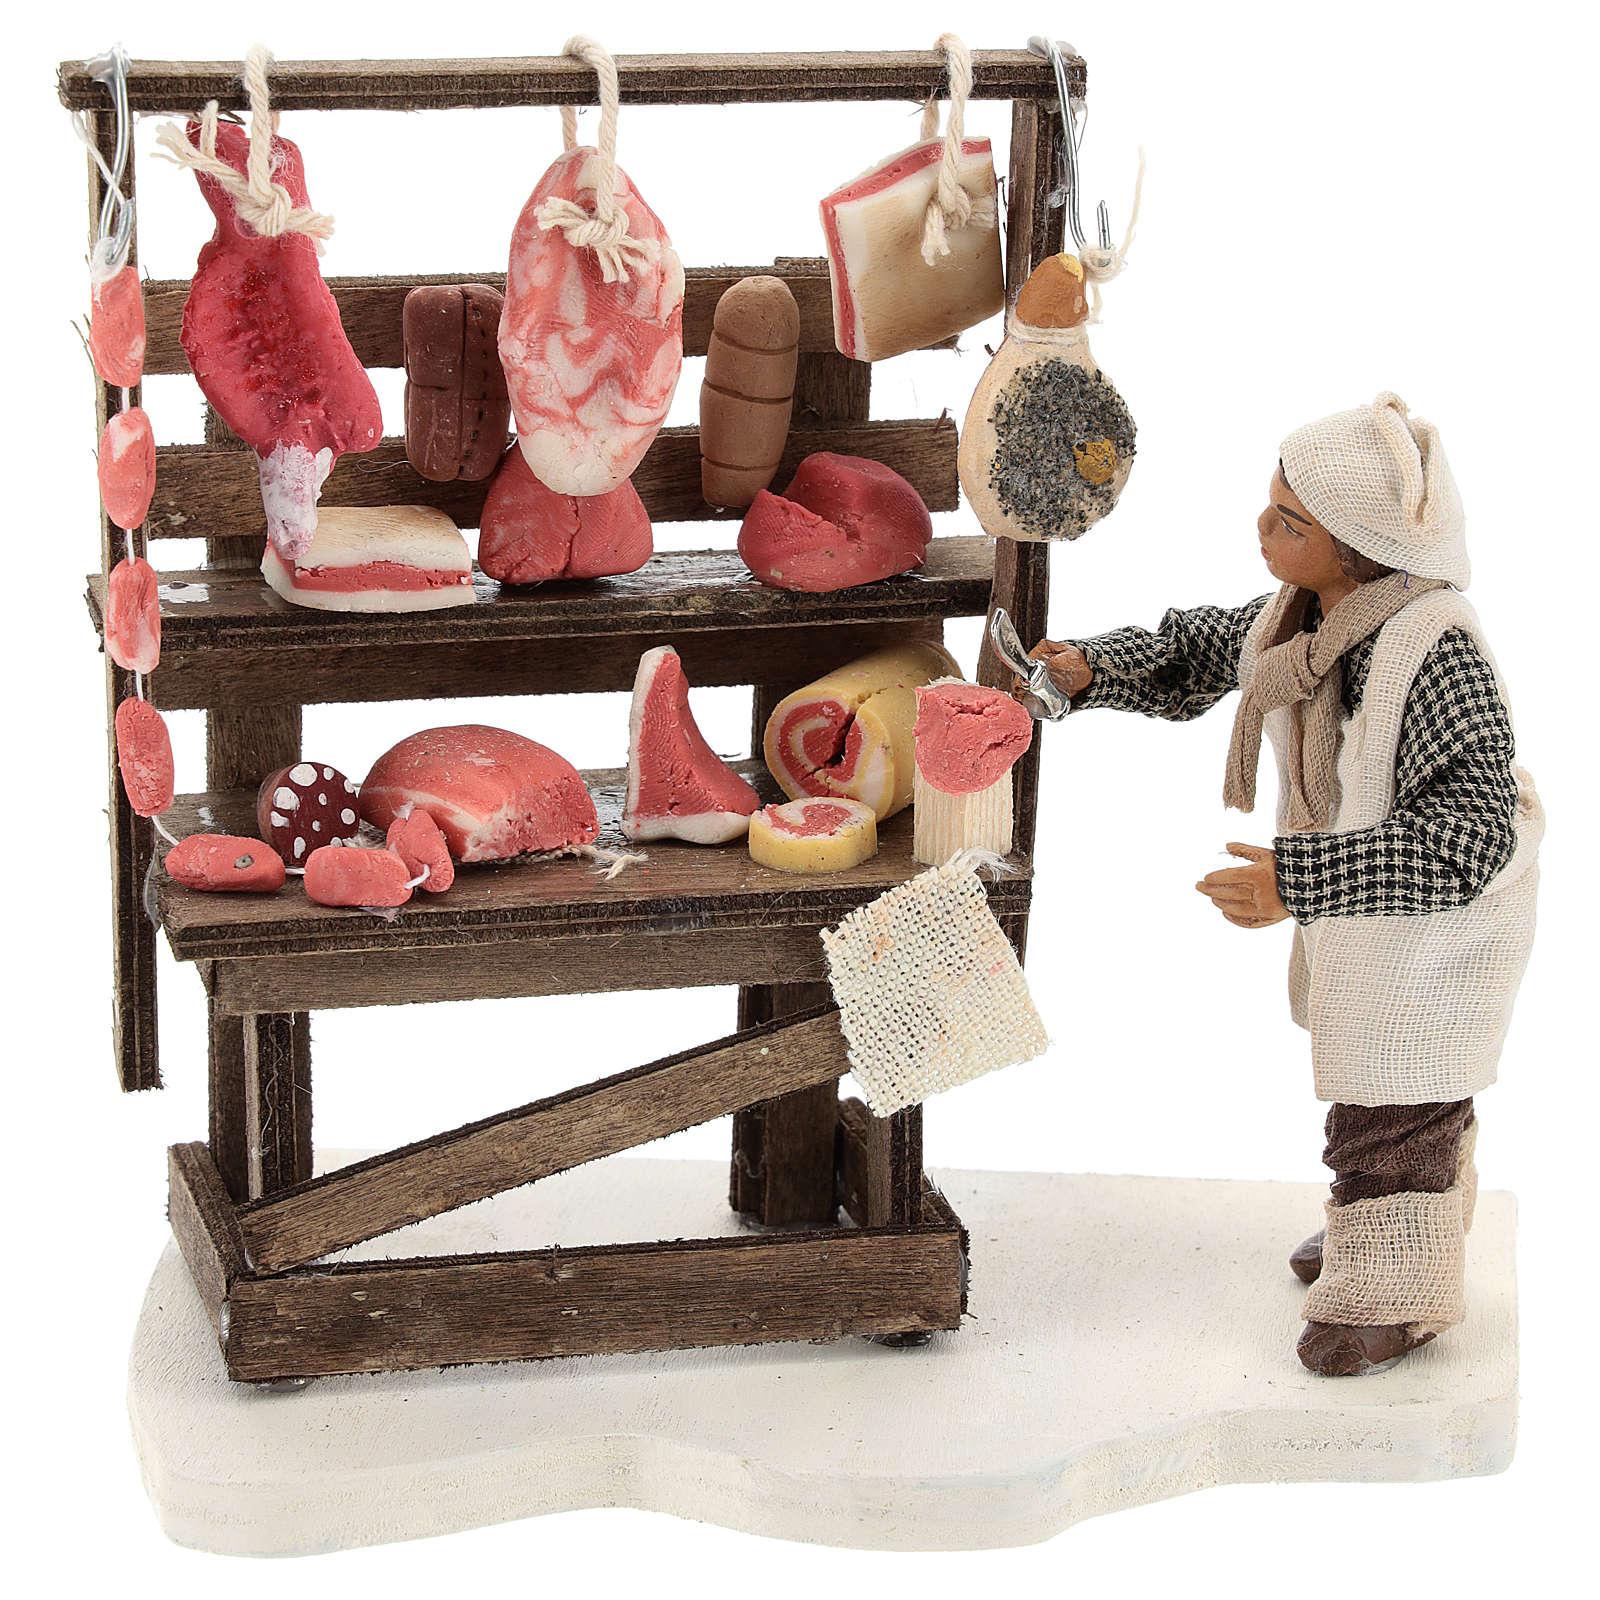 Mostrador carne y embutidos con carnicero 10 cm 4